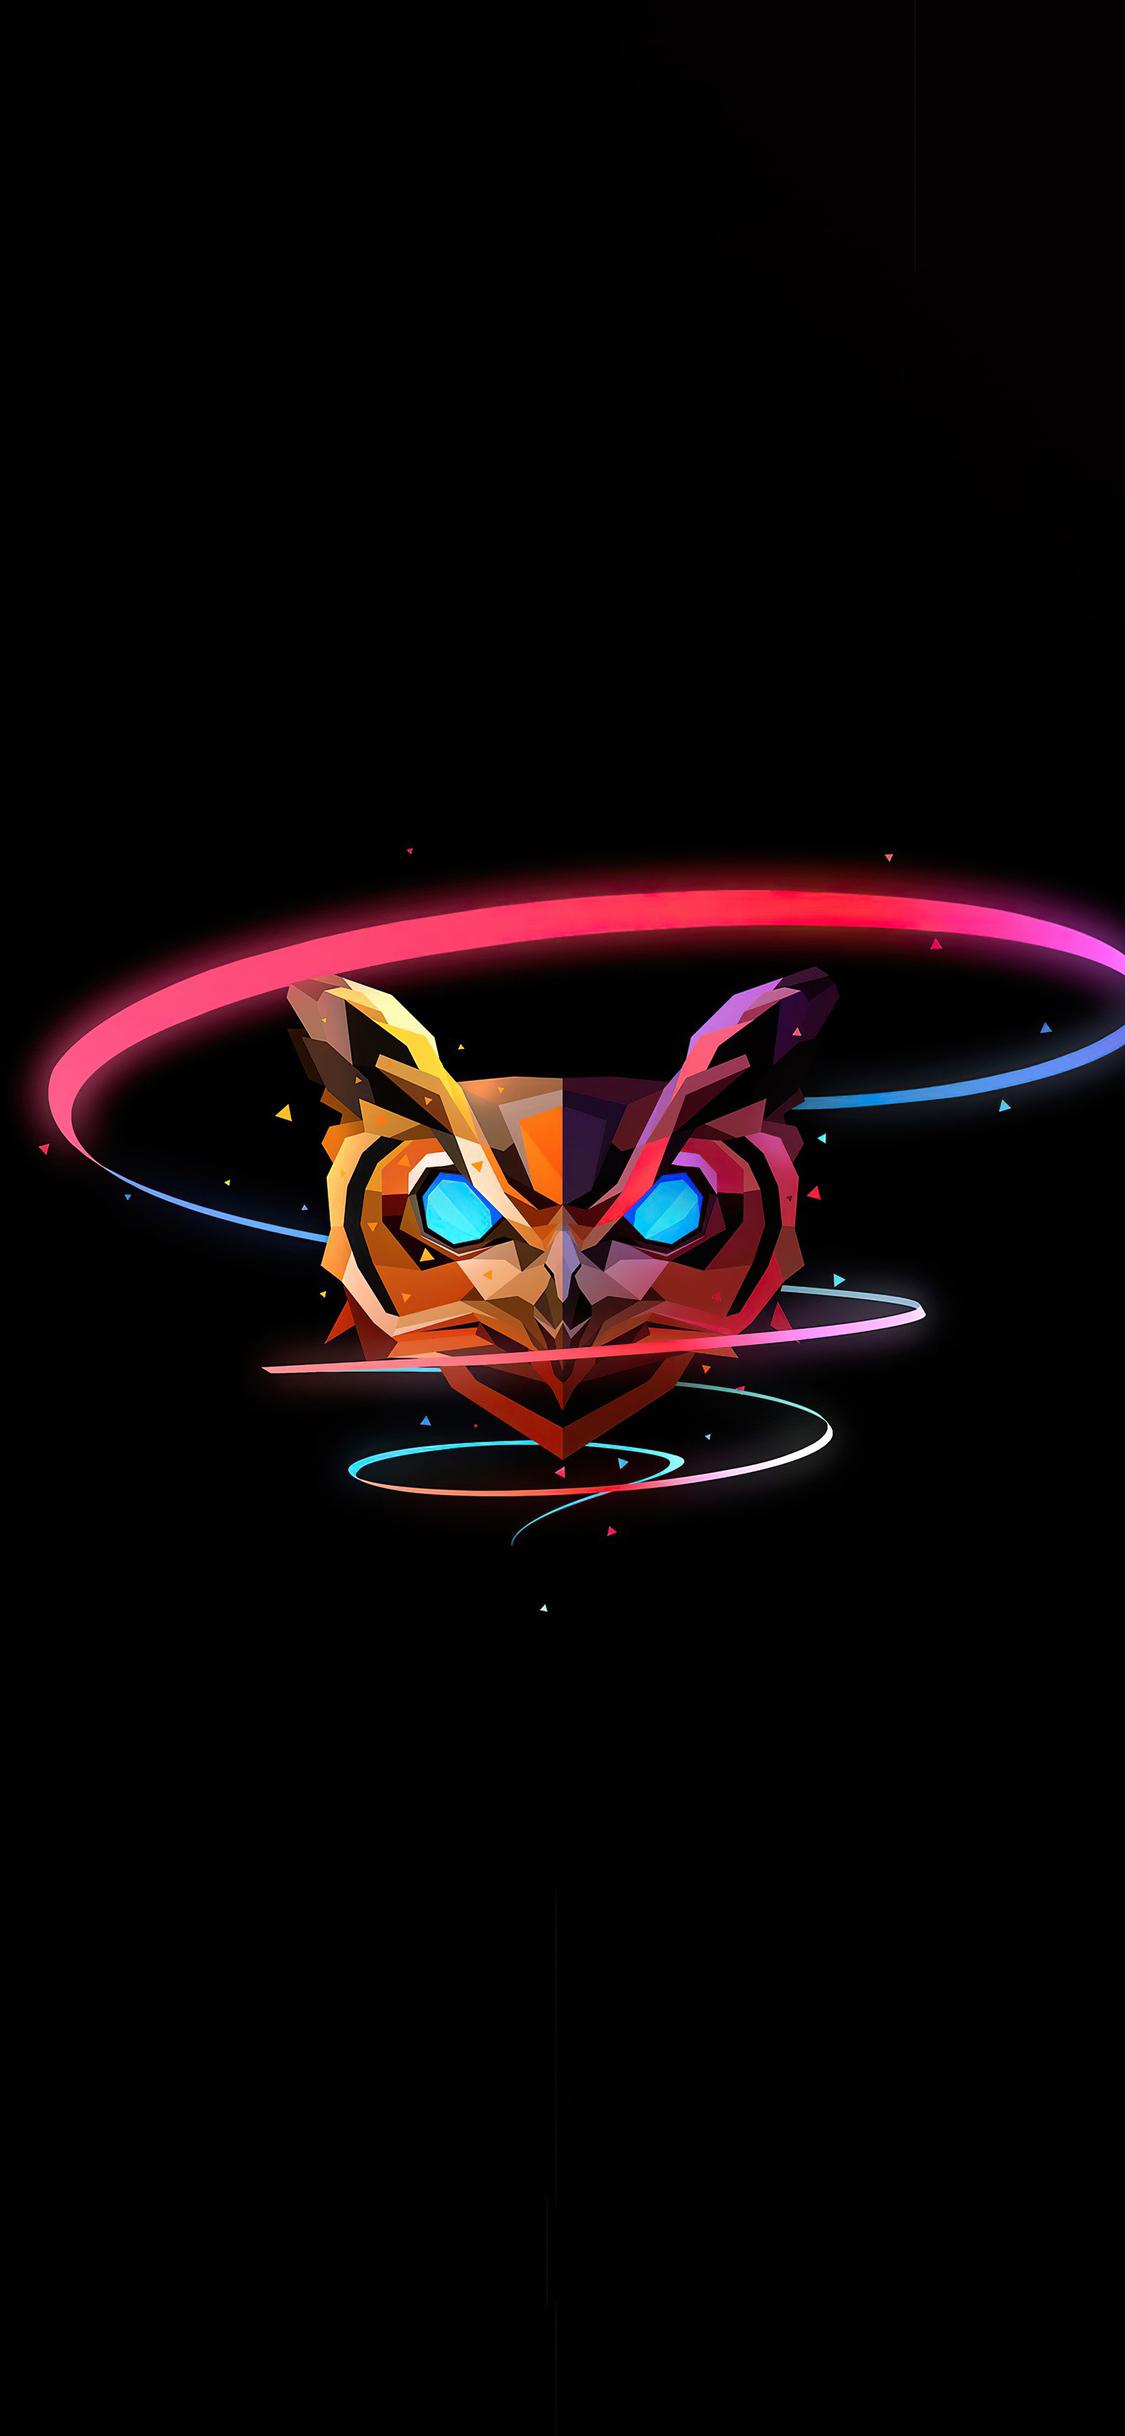 owl-minimal-justin-maller-4k-57.jpg